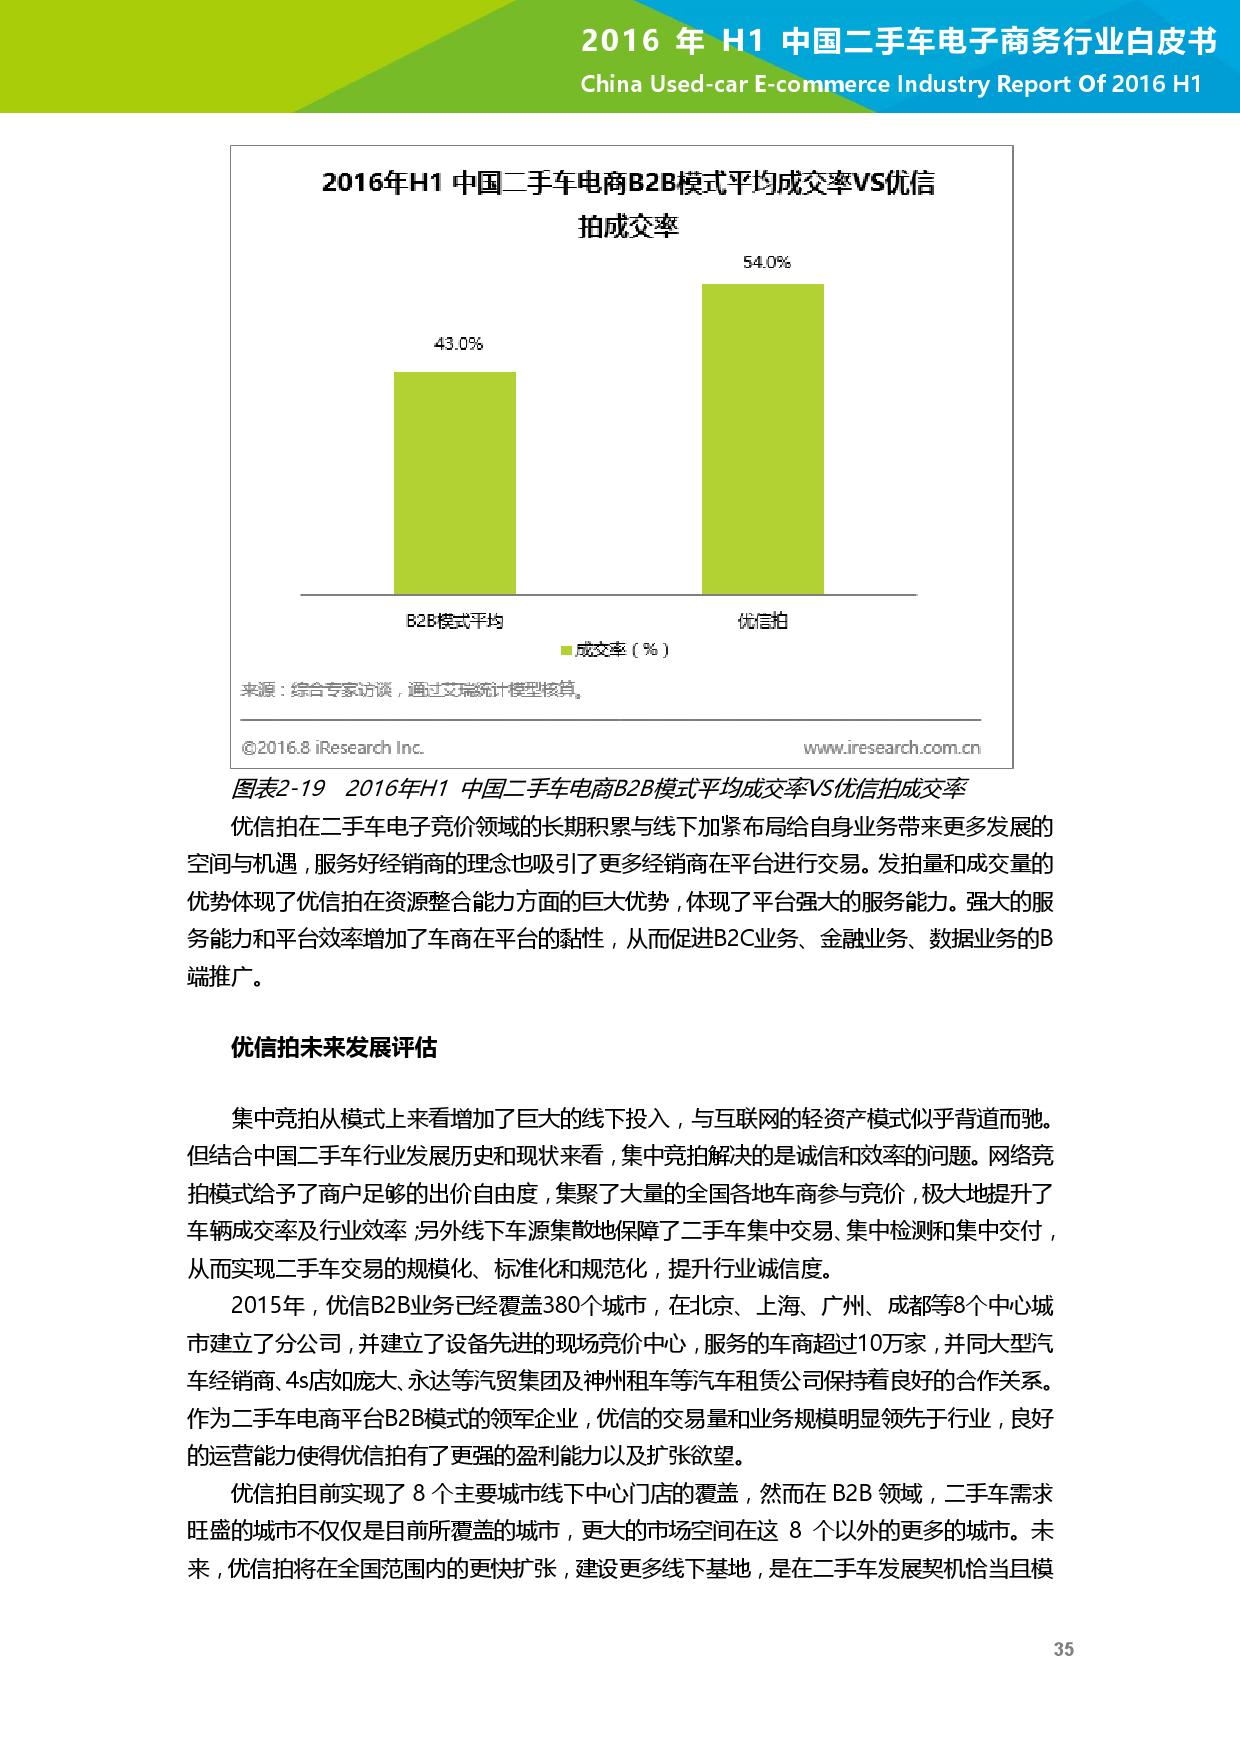 2016年H1中国二手车电子商务行业白皮书_000036